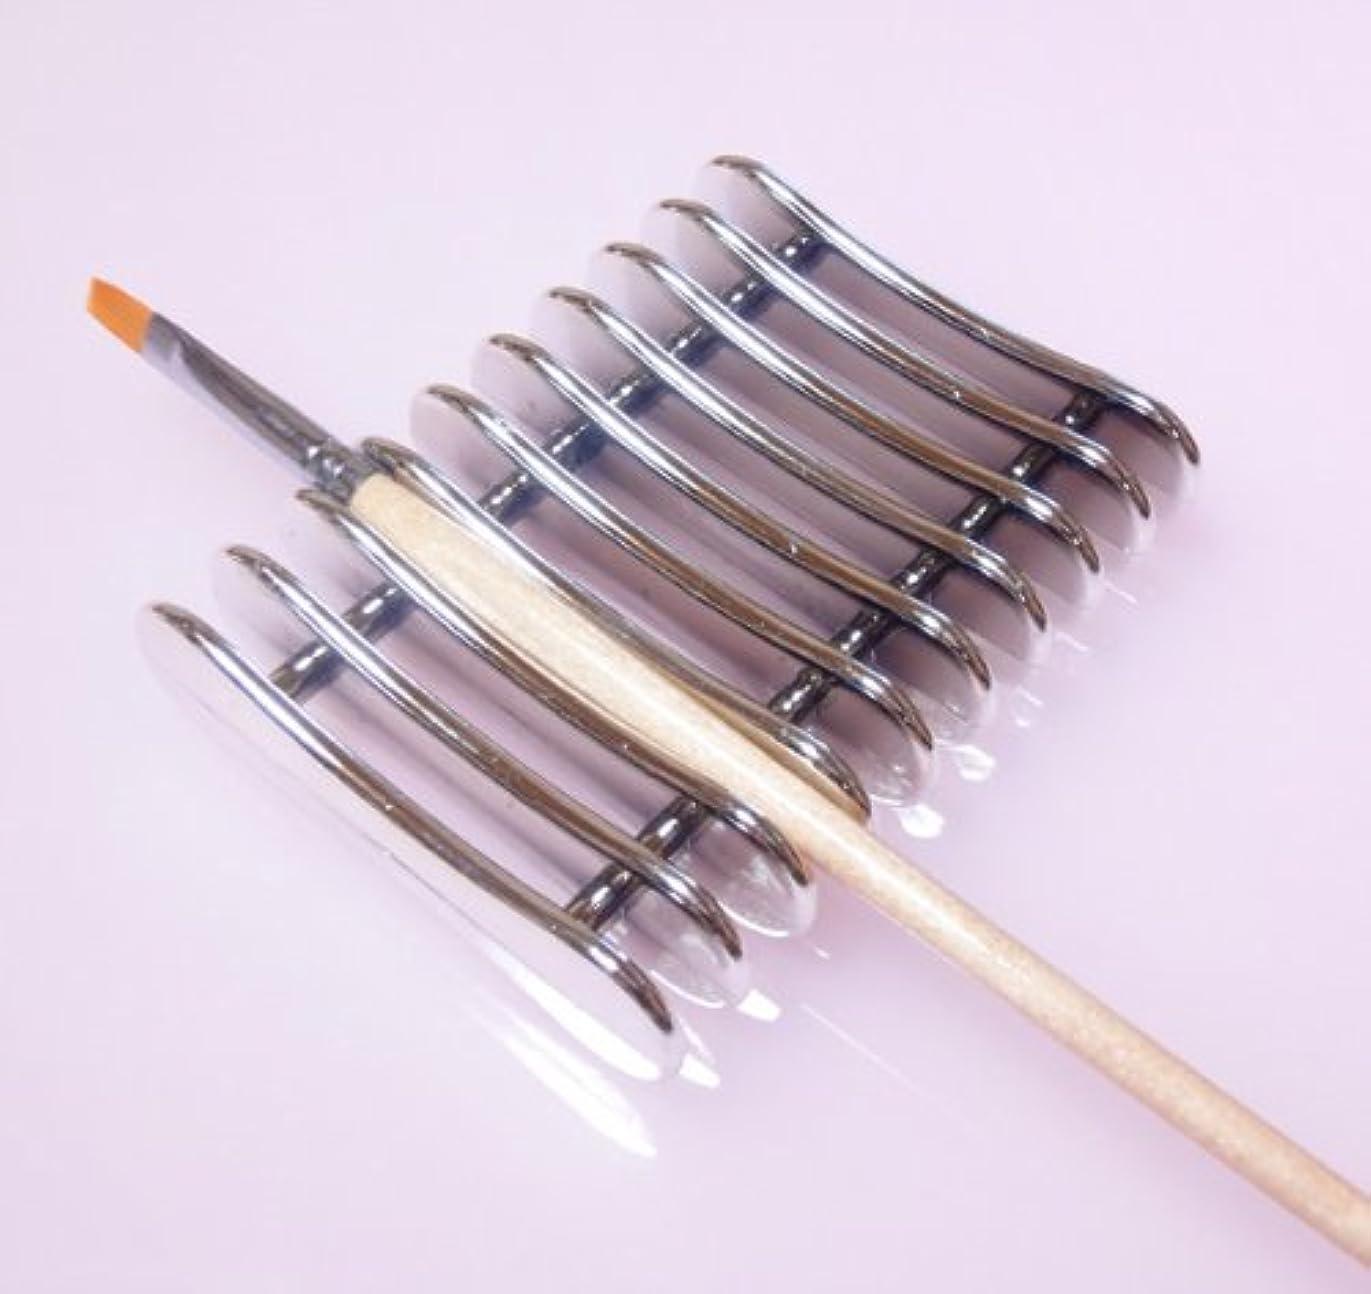 新鮮な領域解明するネイルブラシホルダー ブラシスタンド ジェルネイル筆置き ネイル用品